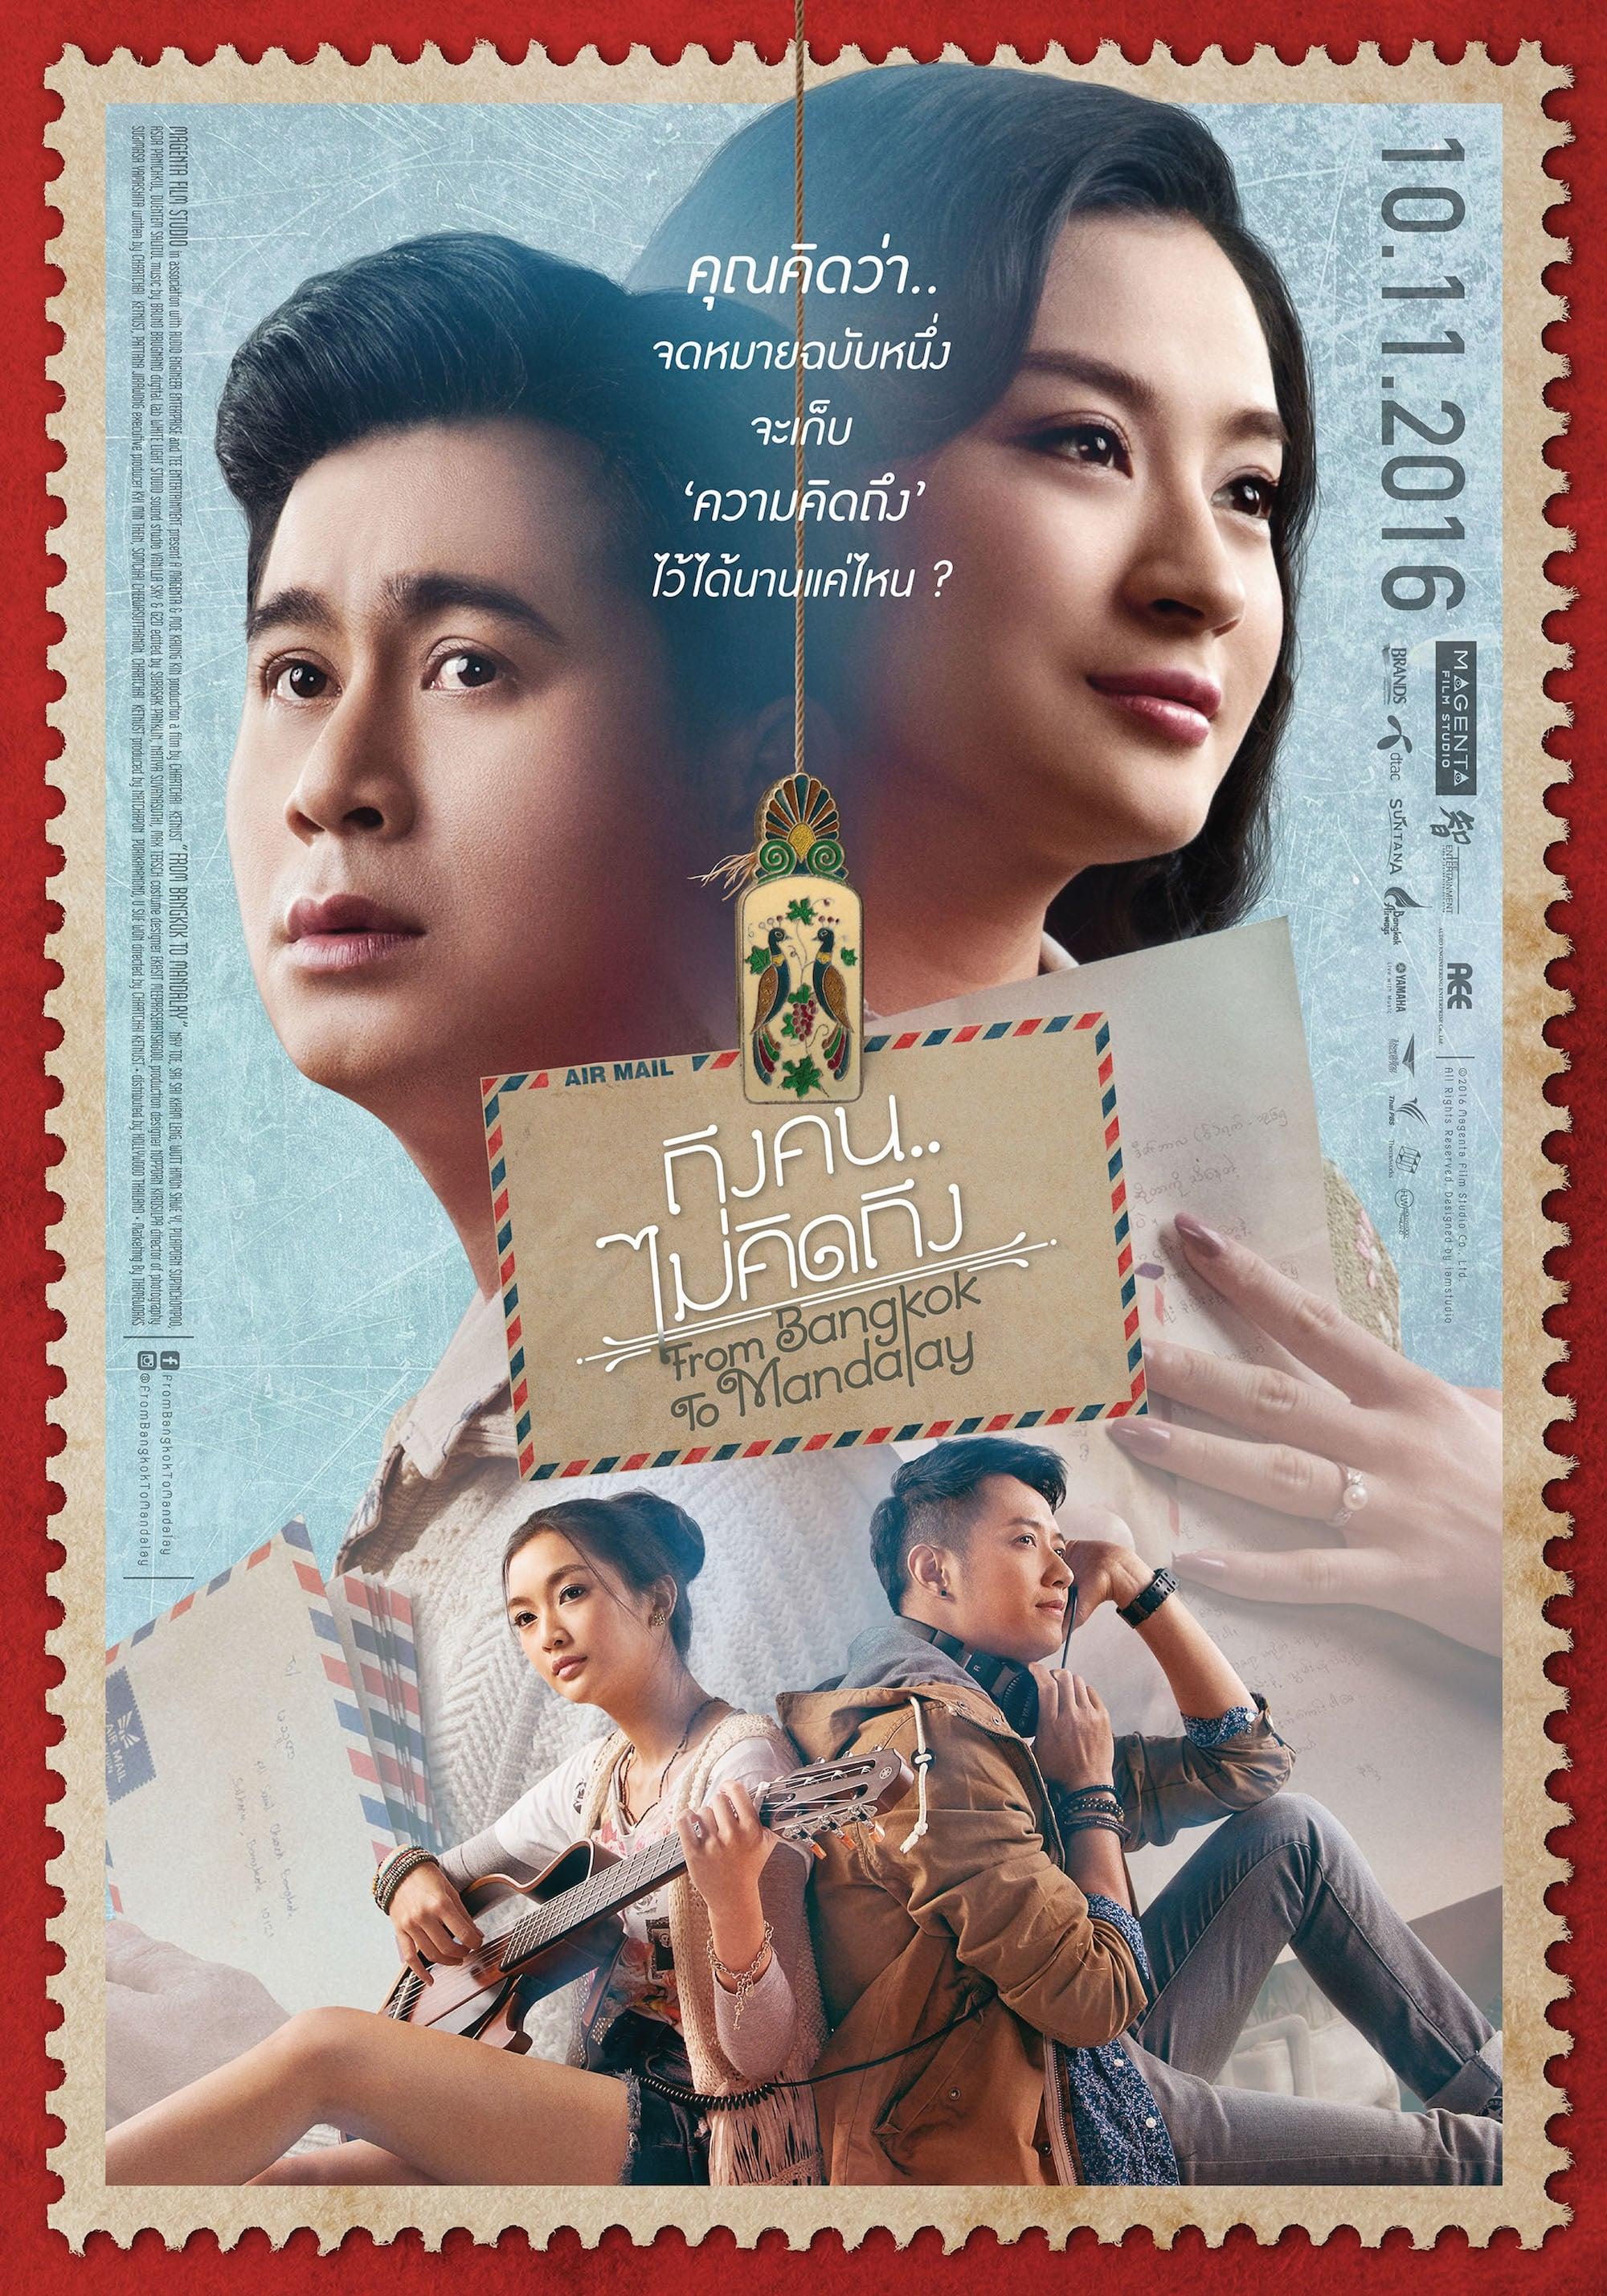 From Bangkok to Mandalay (2016)